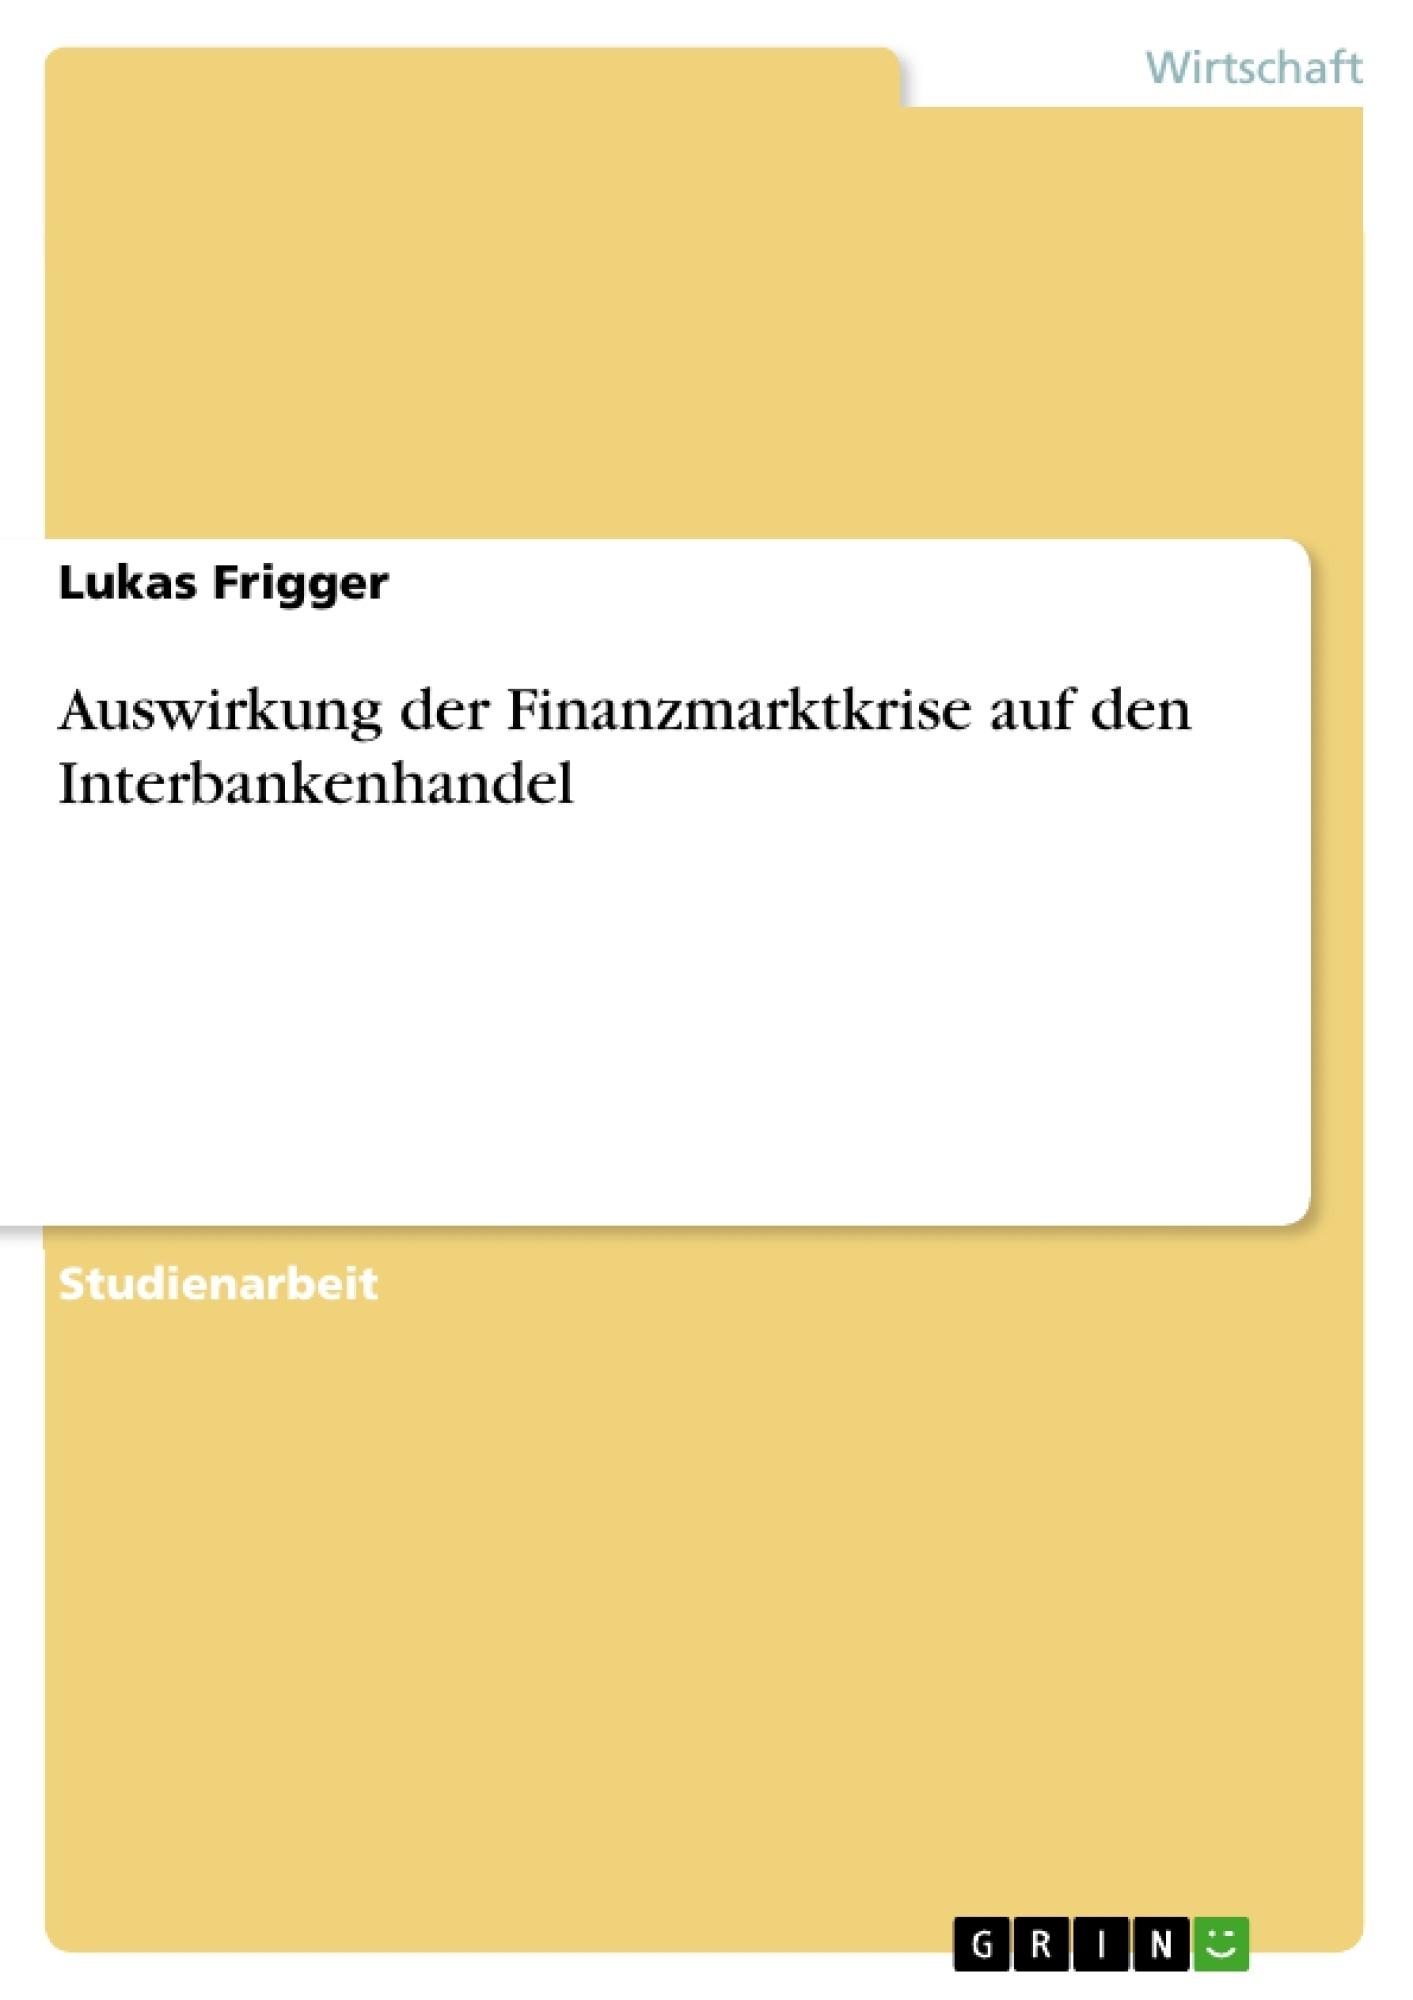 Titel: Auswirkung der Finanzmarktkrise auf den Interbankenhandel